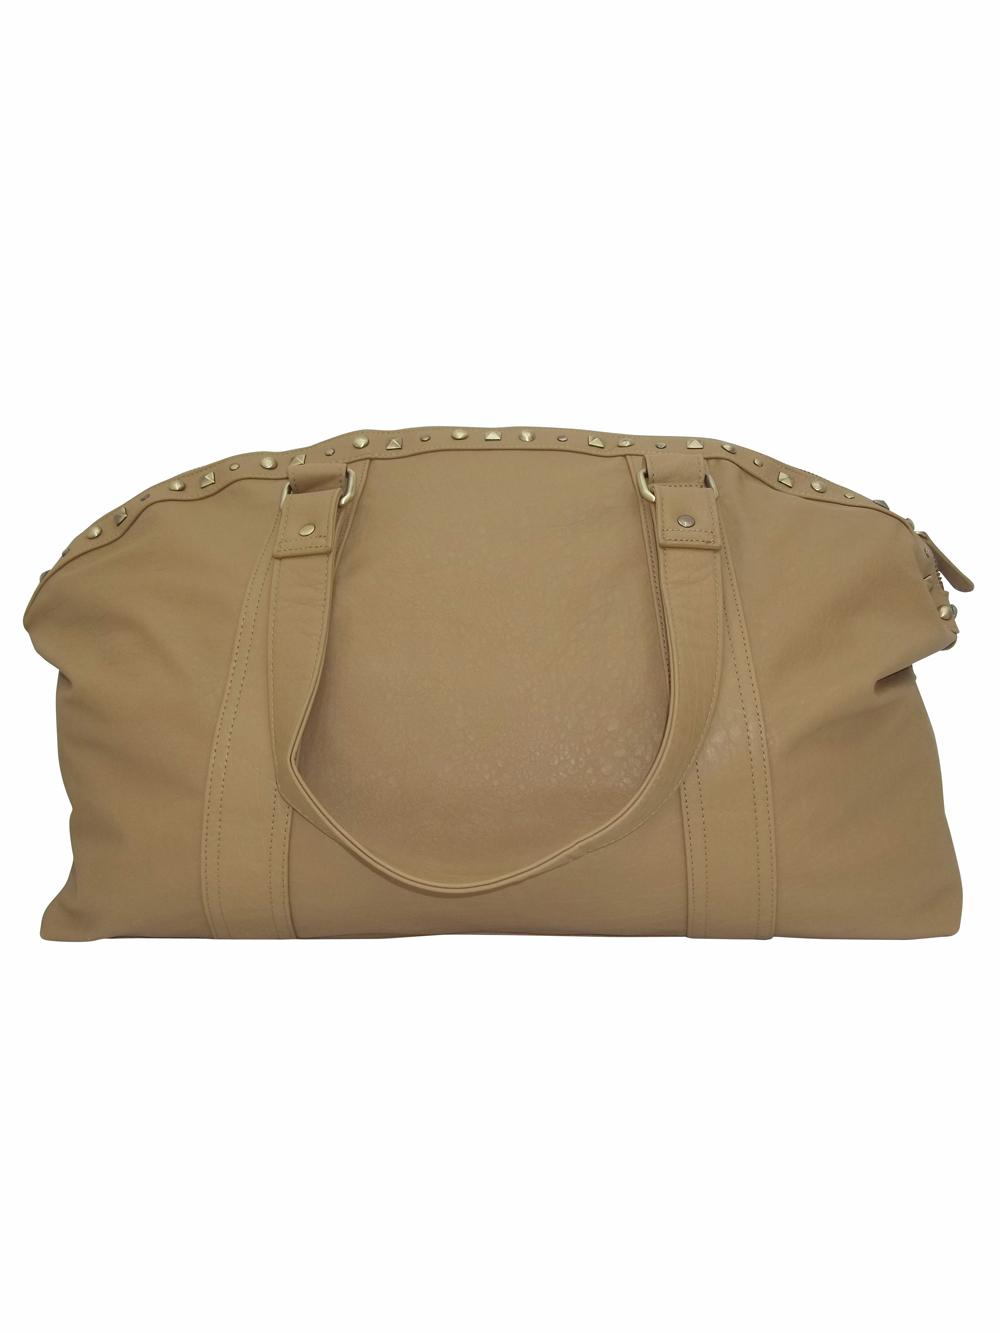 BRAYNA Beige Stud Embellished Holdall Handbag